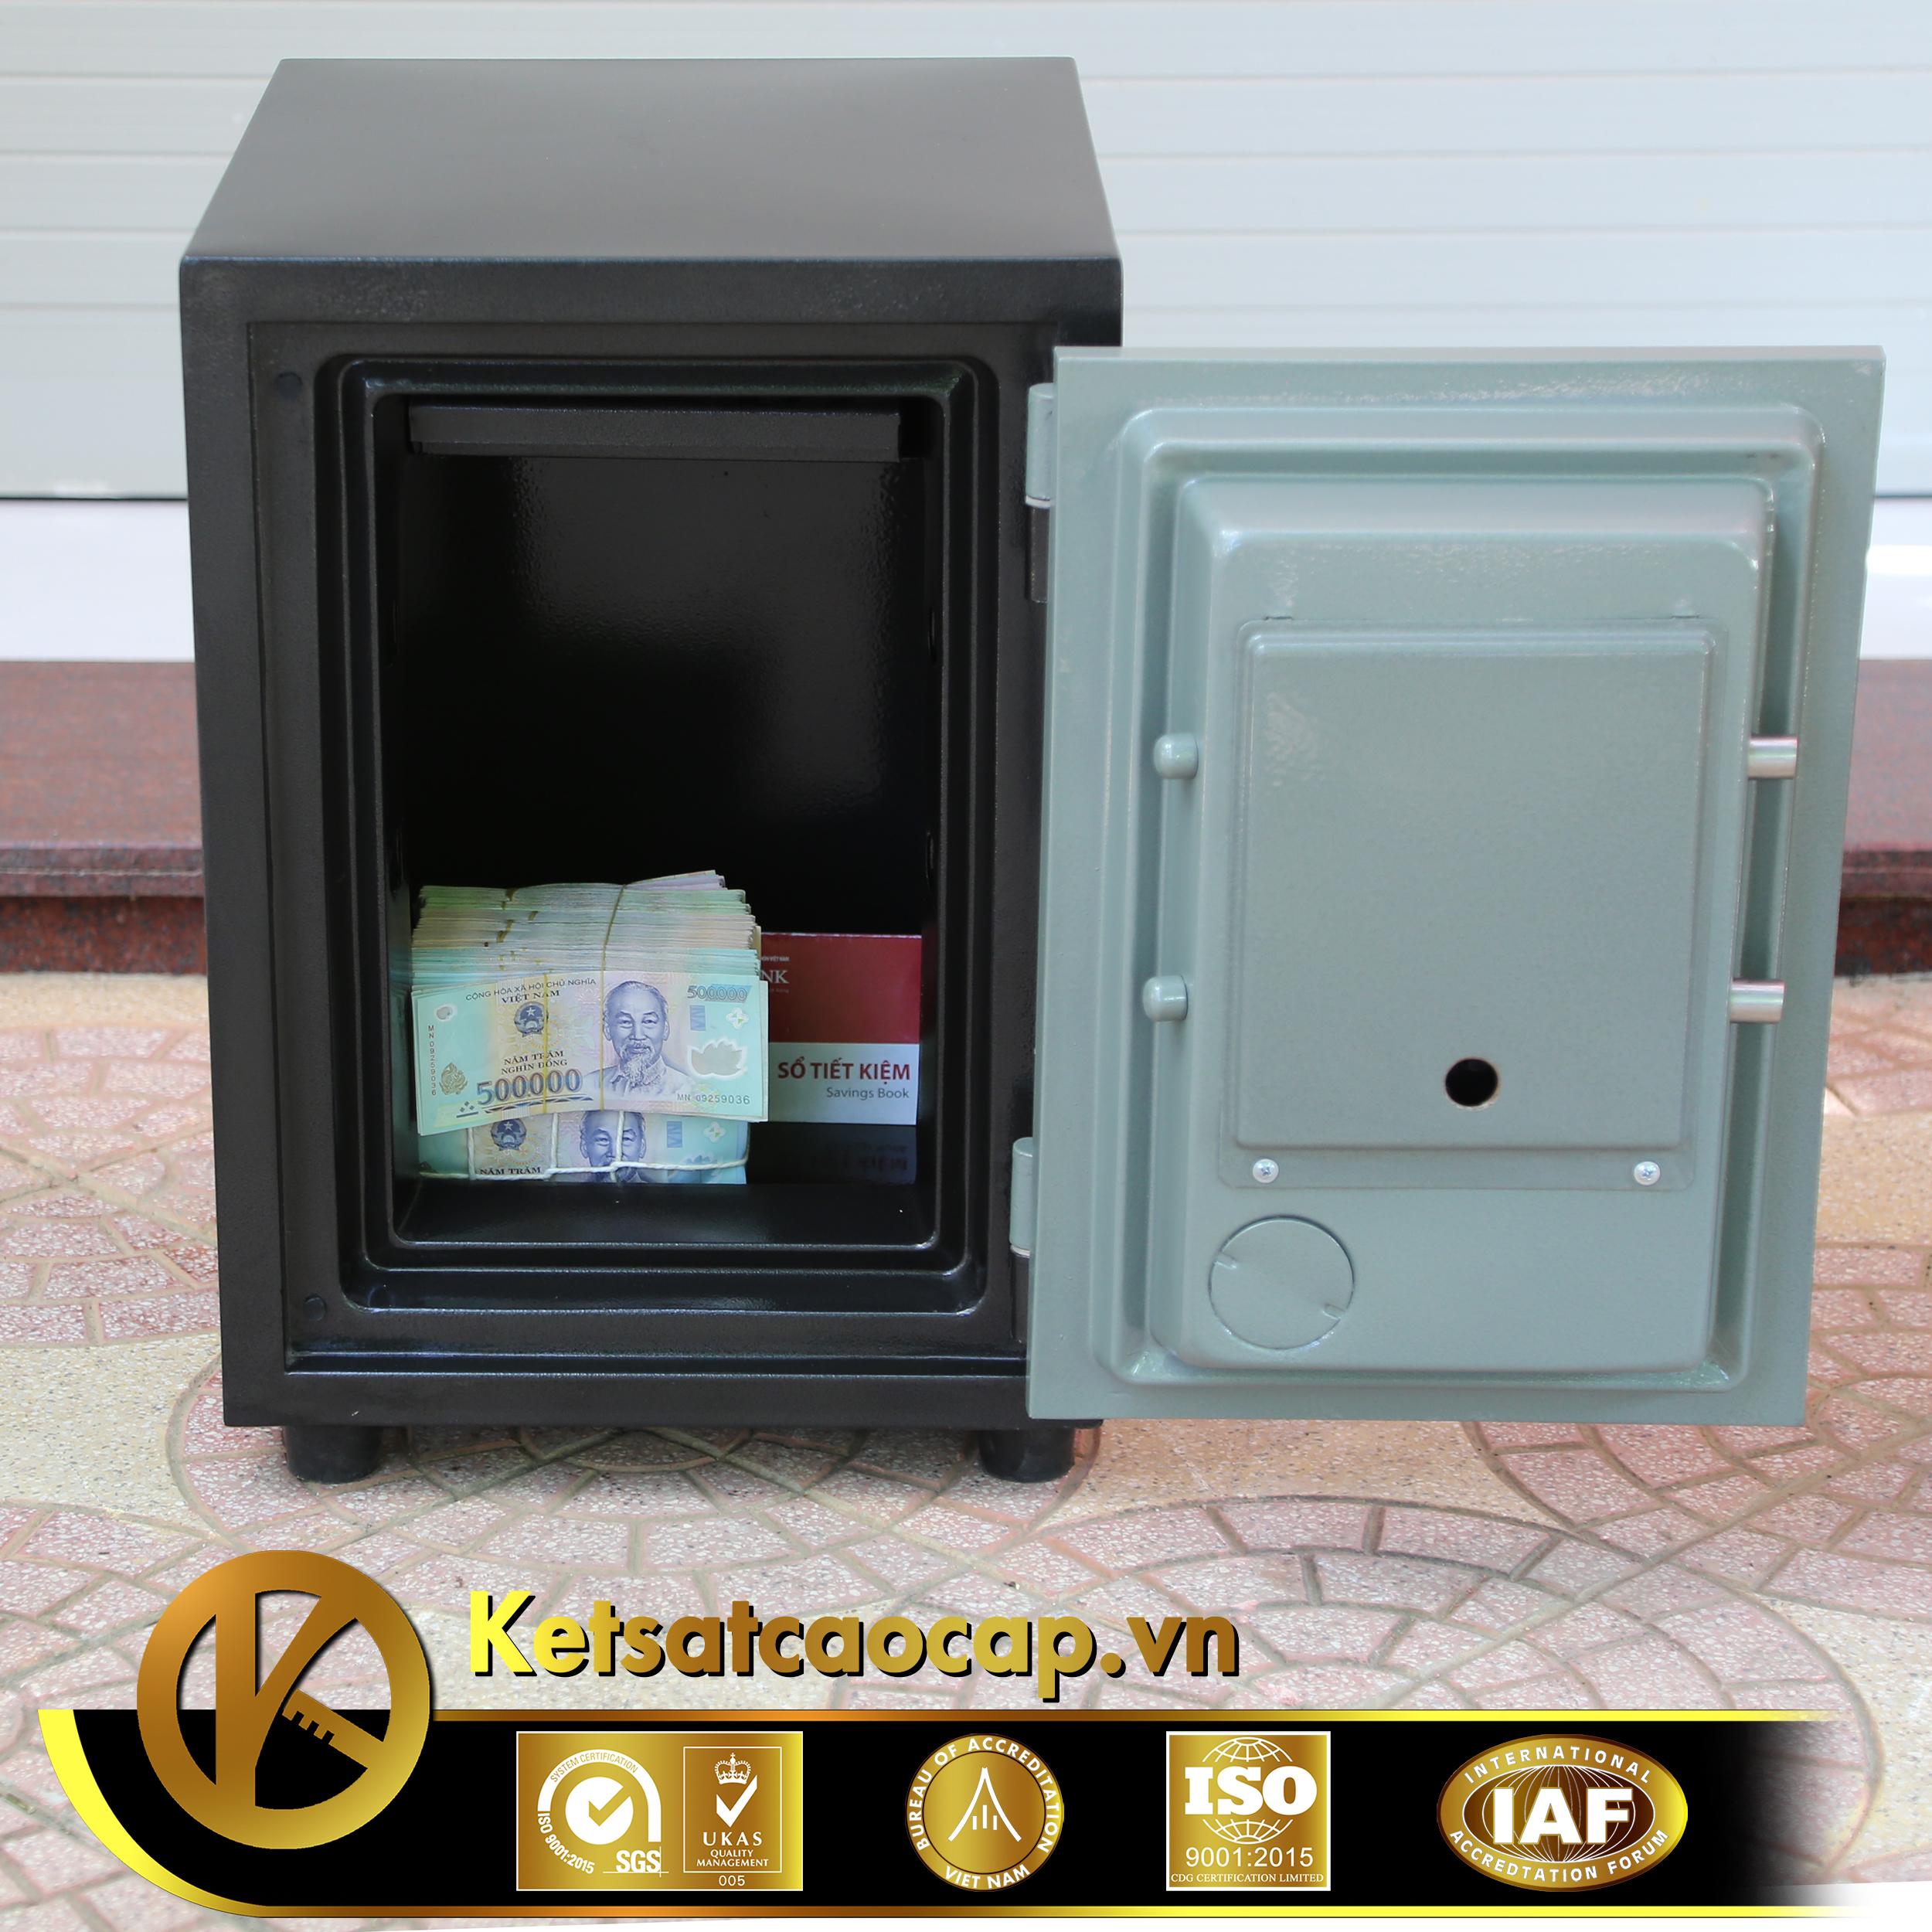 đặc điểm sản phẩm Két sắt văn phòng KS80DB-Series E Korea